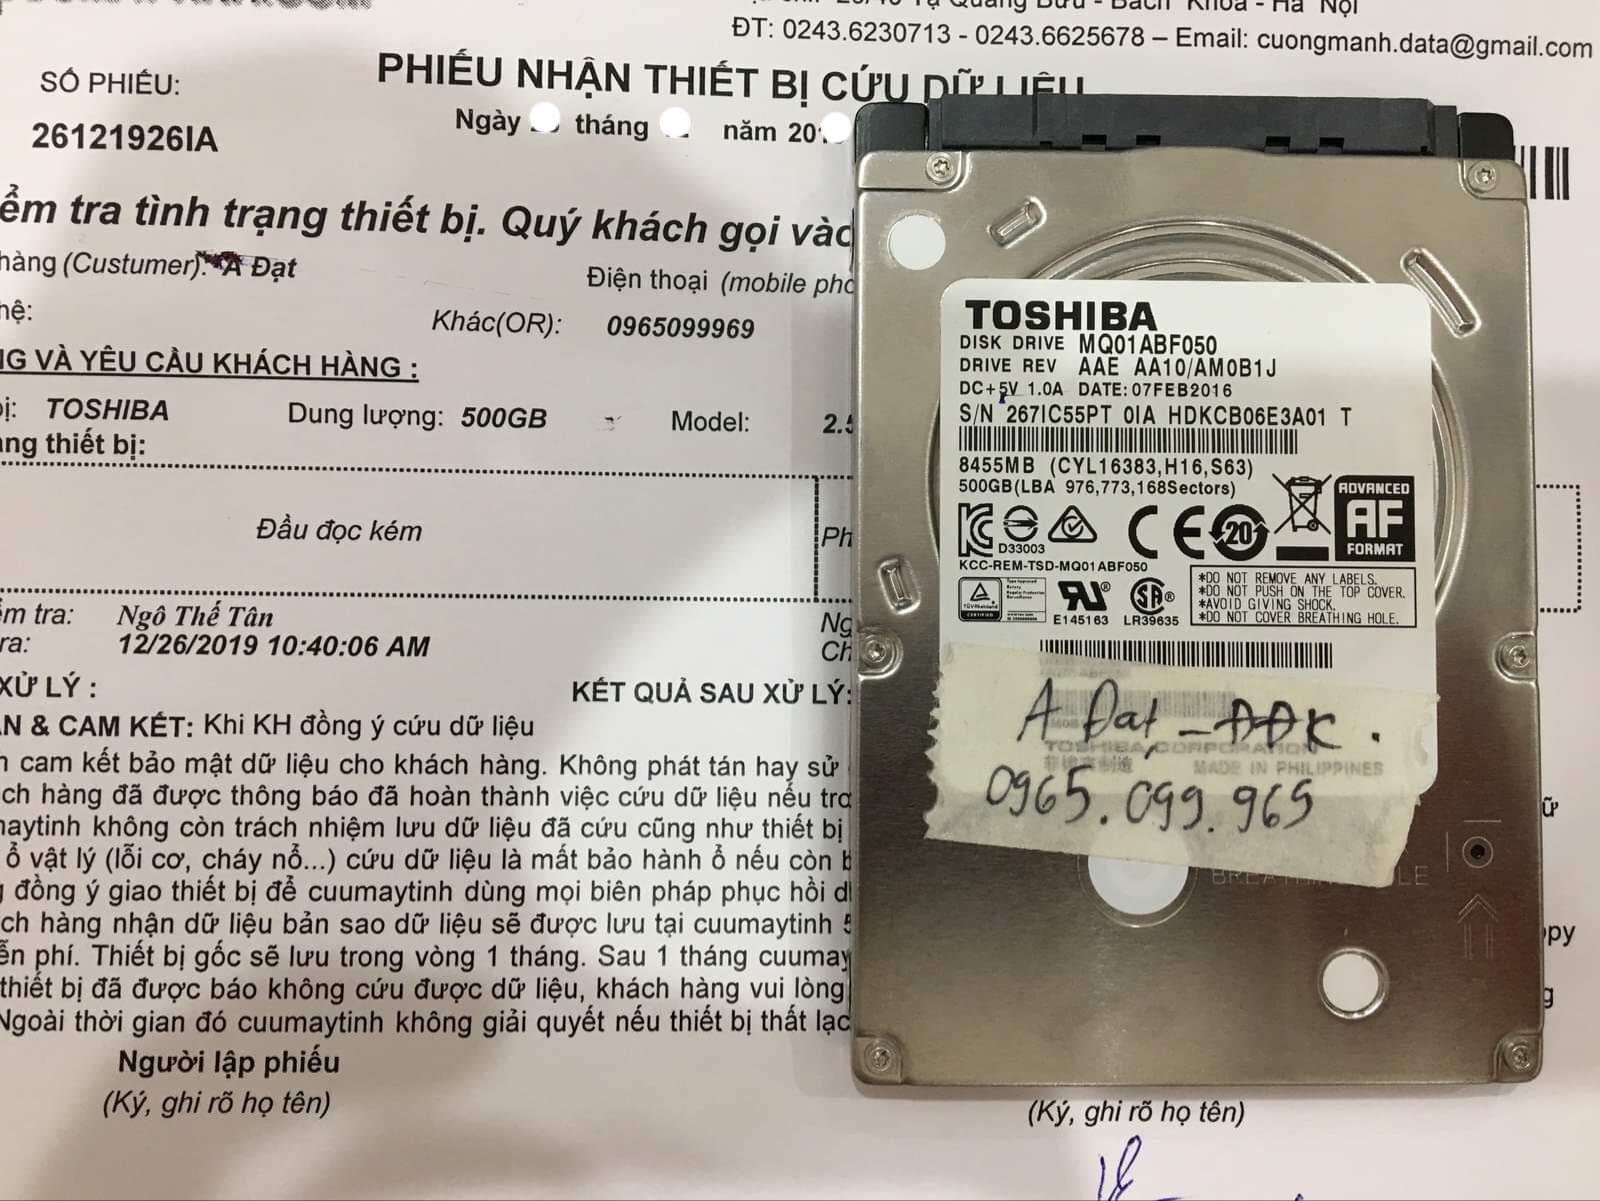 Phục hồi dữ liệu ổ cứng Toshiba 500GB đầu đọc kém 04/01/2020 - cuumaytinh